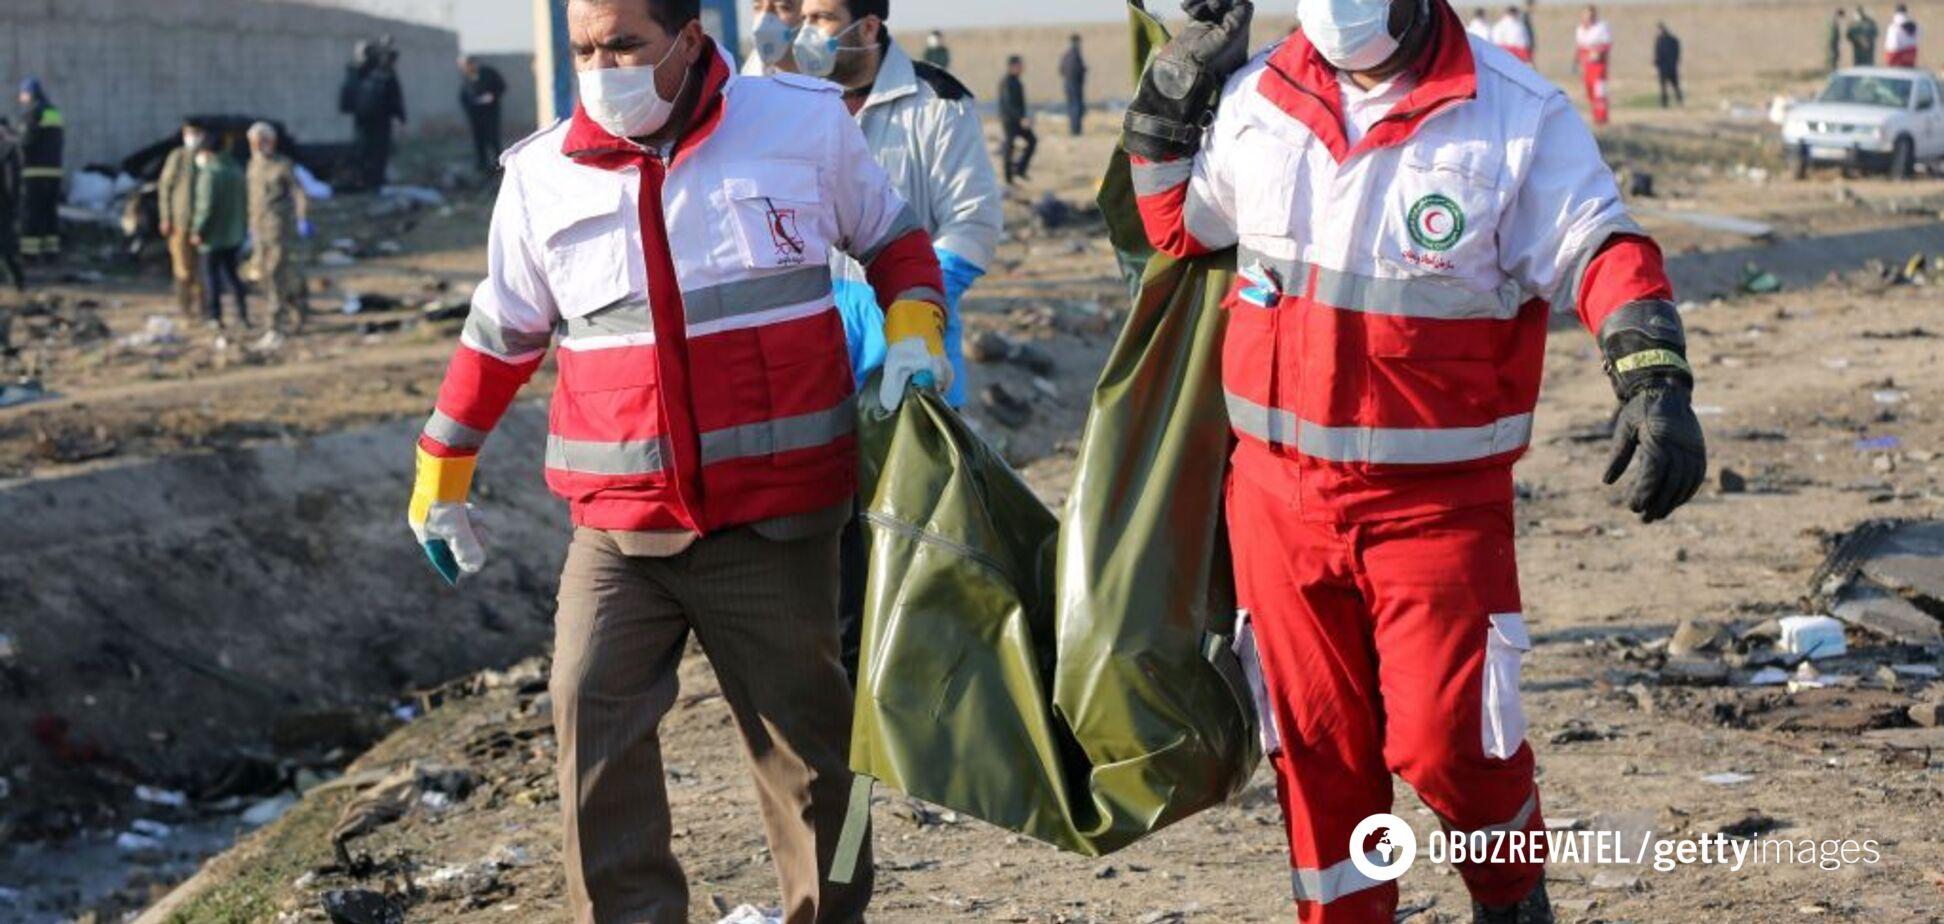 'Летіли транзитом': у МАУ розповіли про іноземців на борту літака, що впав